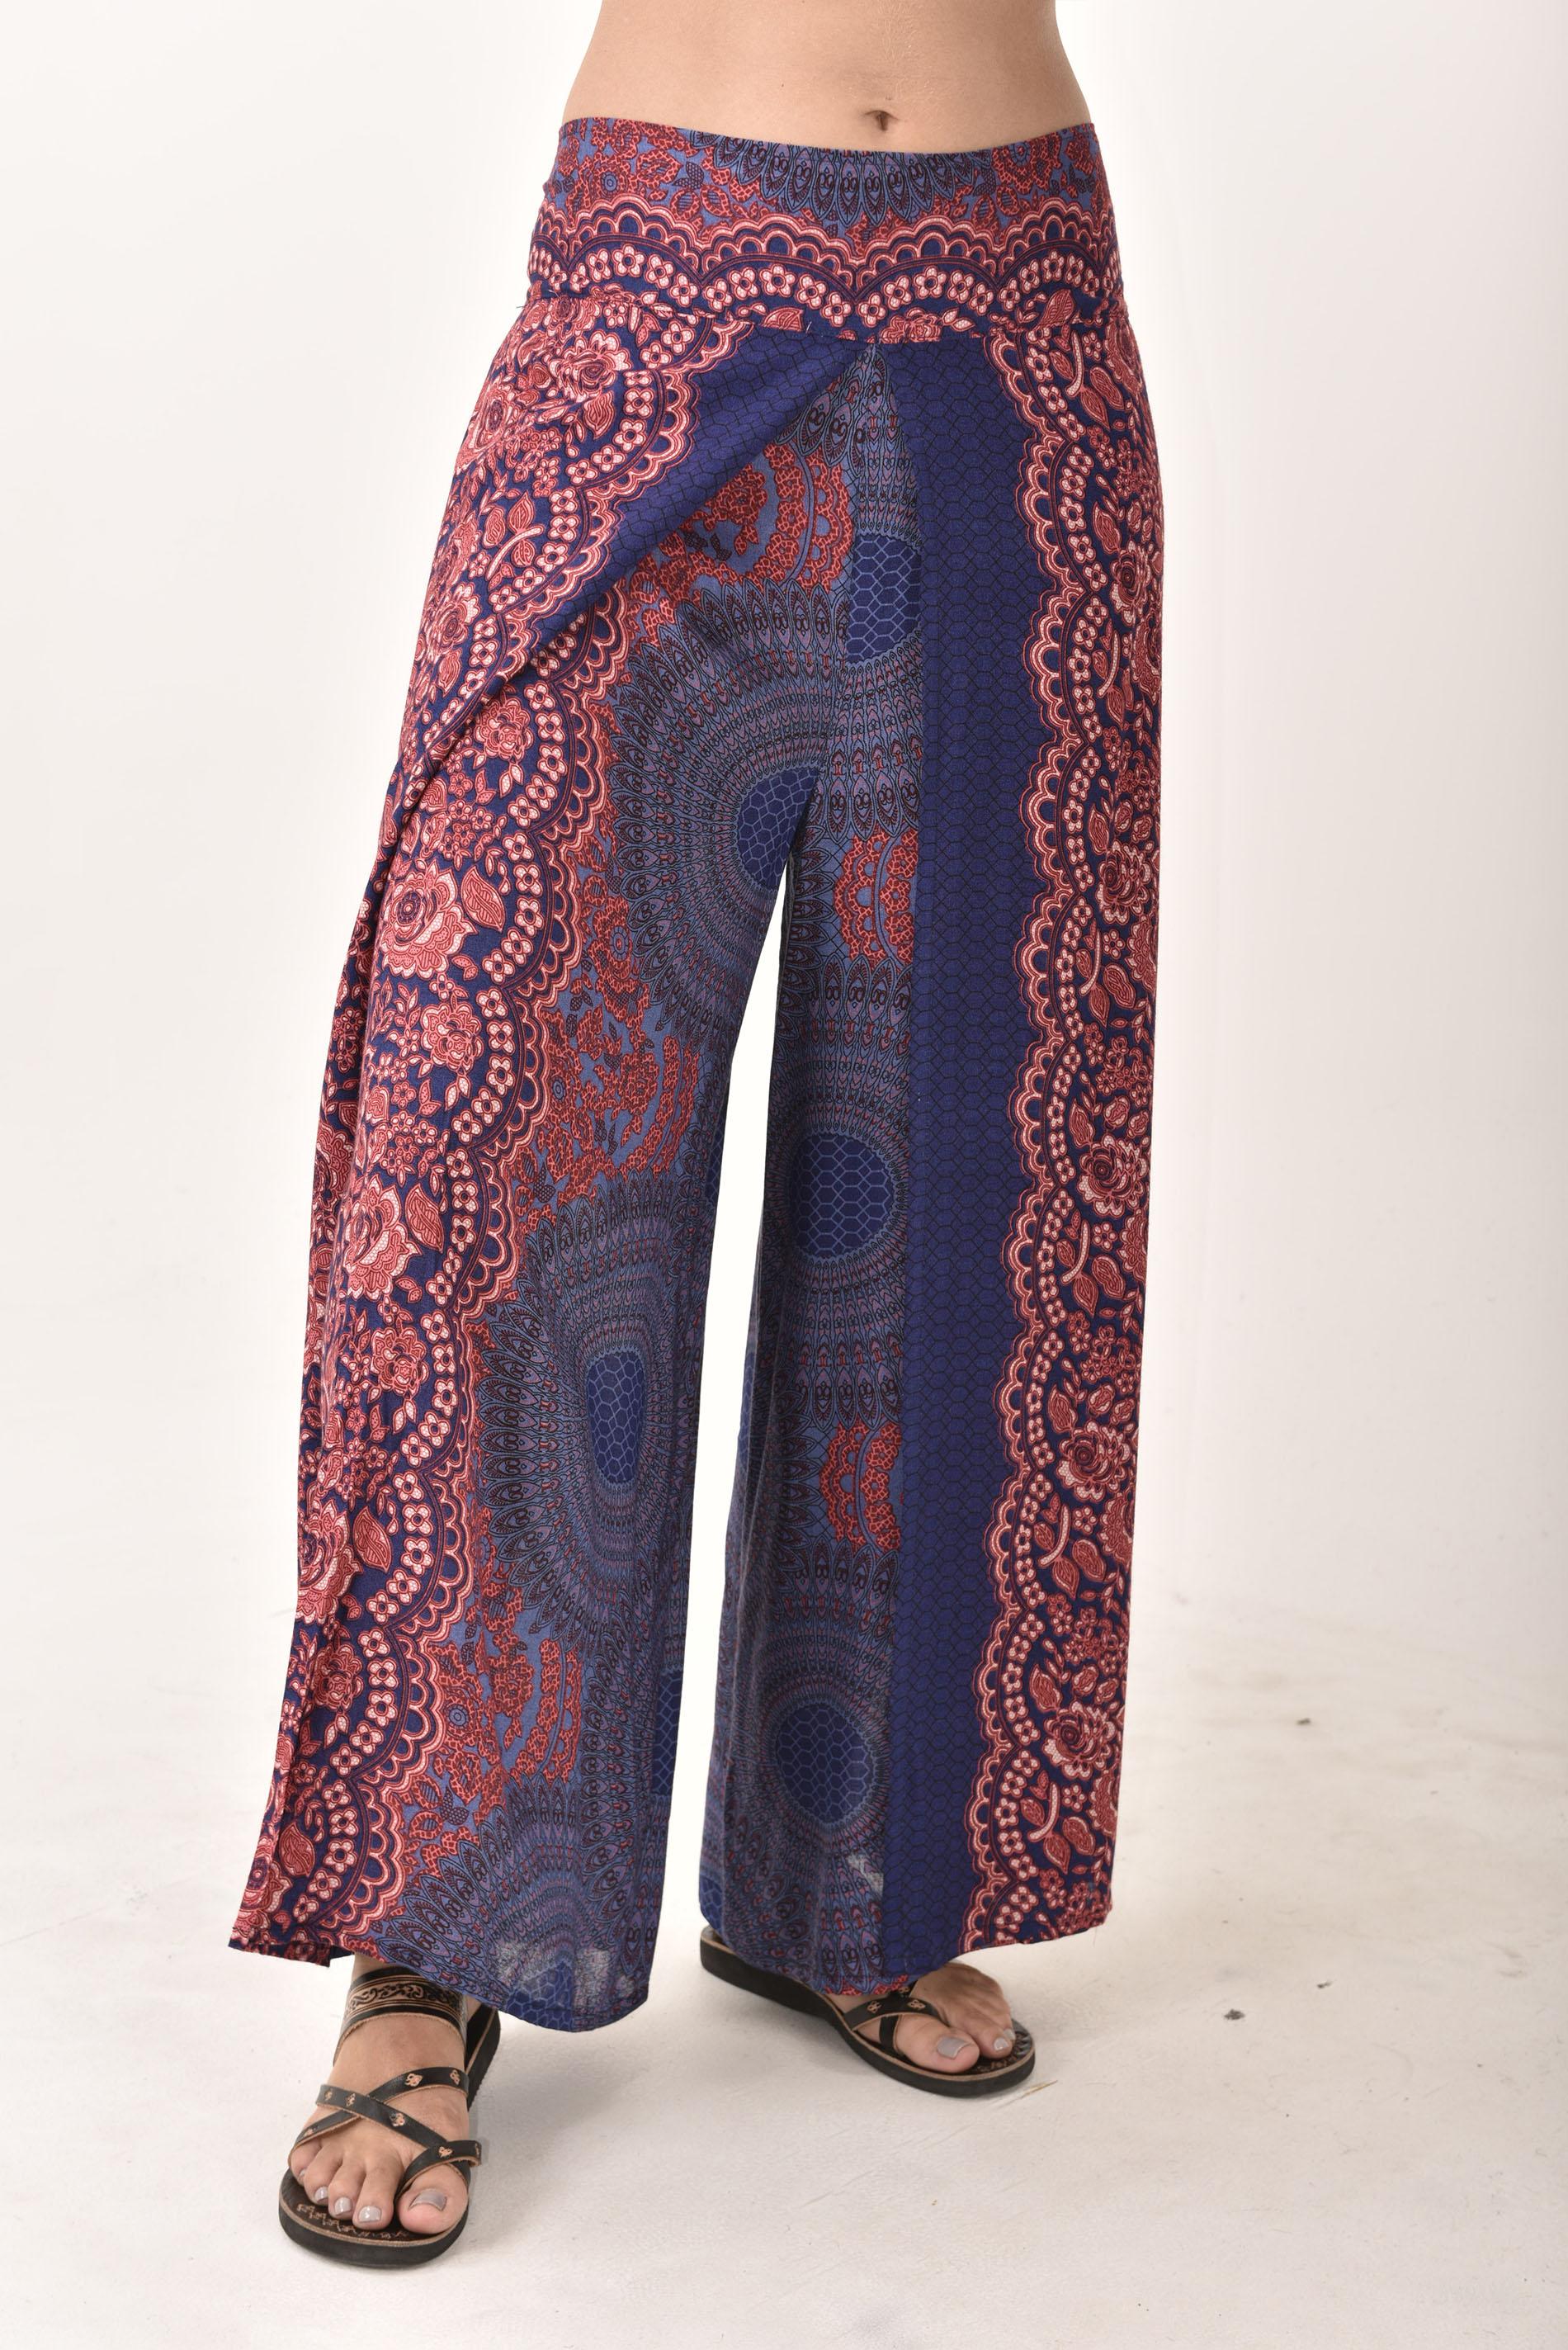 Wrap Leg Pants Honeycomb Print, Blue